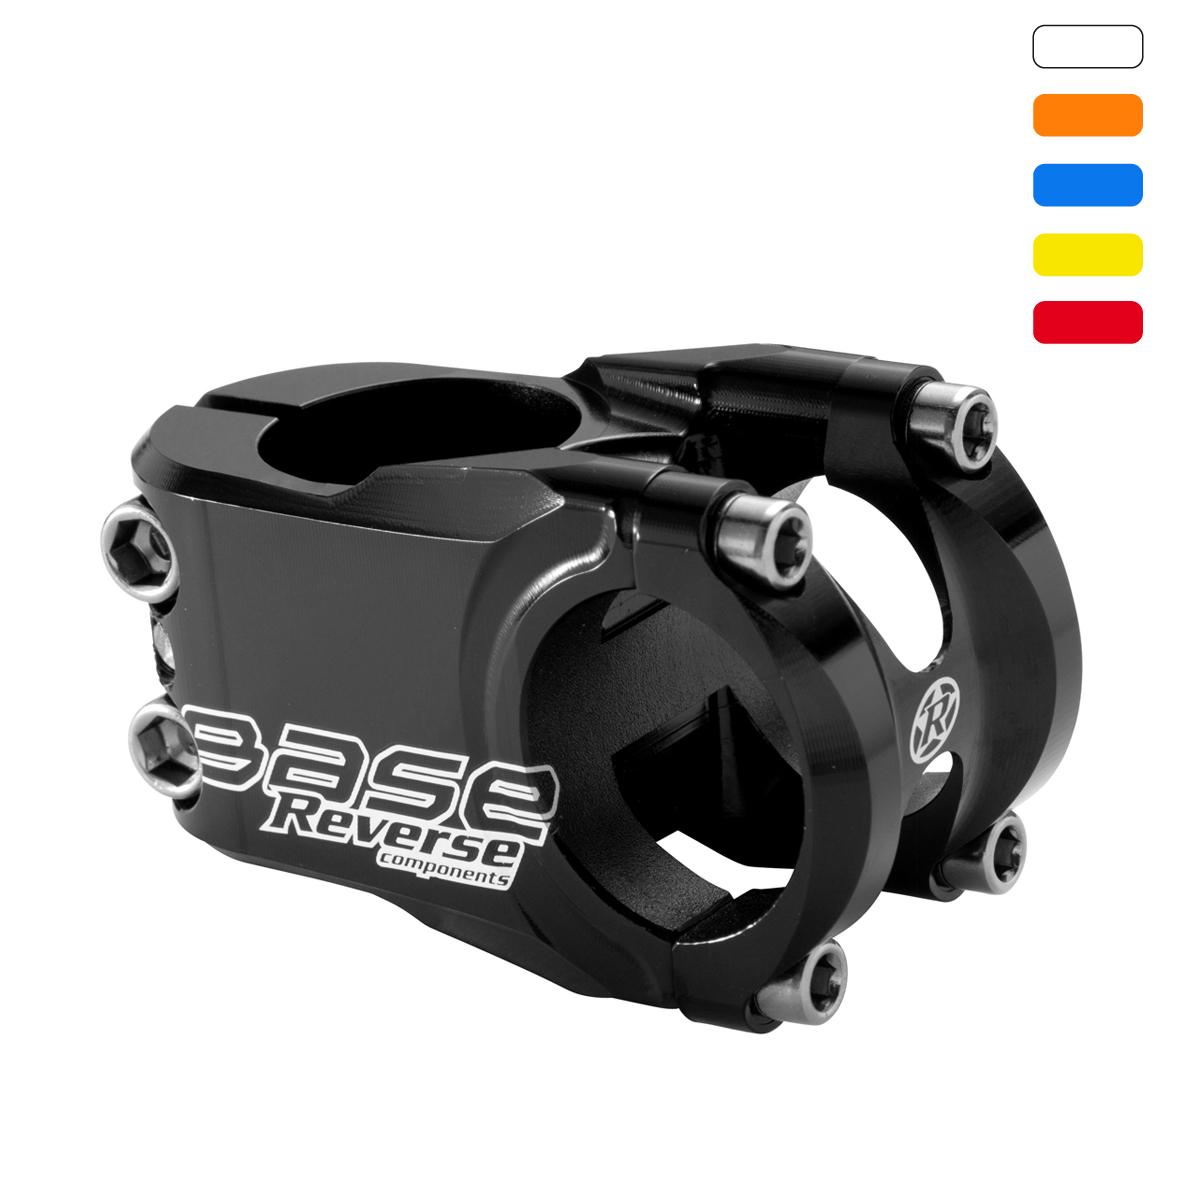 reverse base vorbau 31 8 mm online kaufen bmo bike mailorder. Black Bedroom Furniture Sets. Home Design Ideas